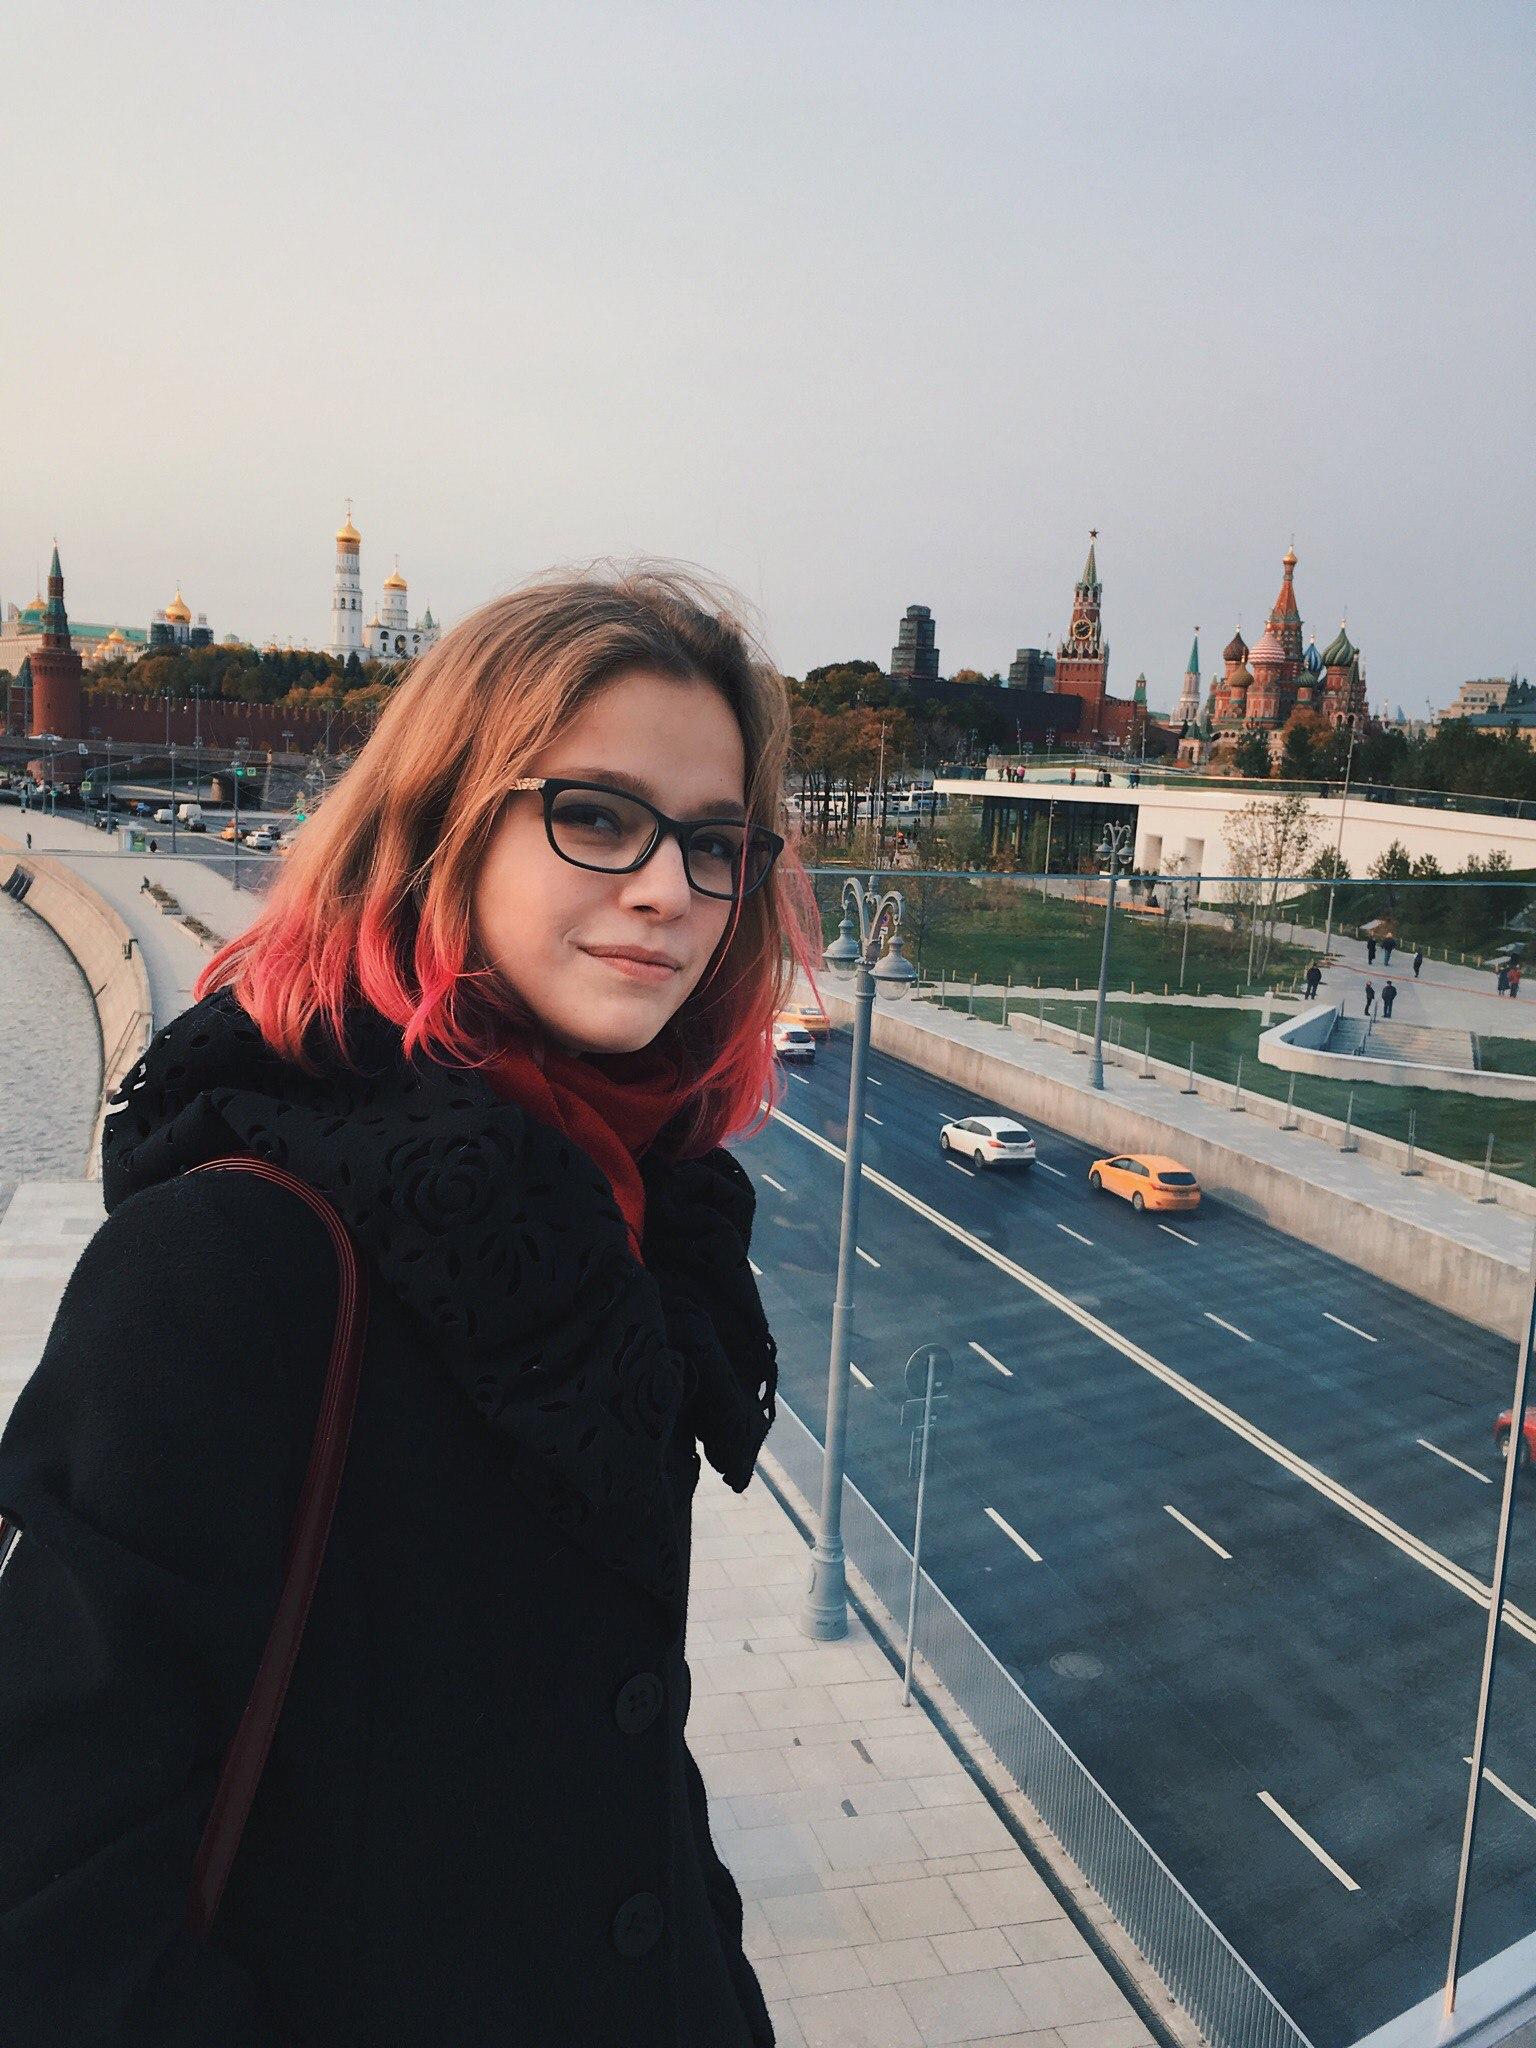 Варвара Панина из Минска - кандидат в битву экстрасенсов